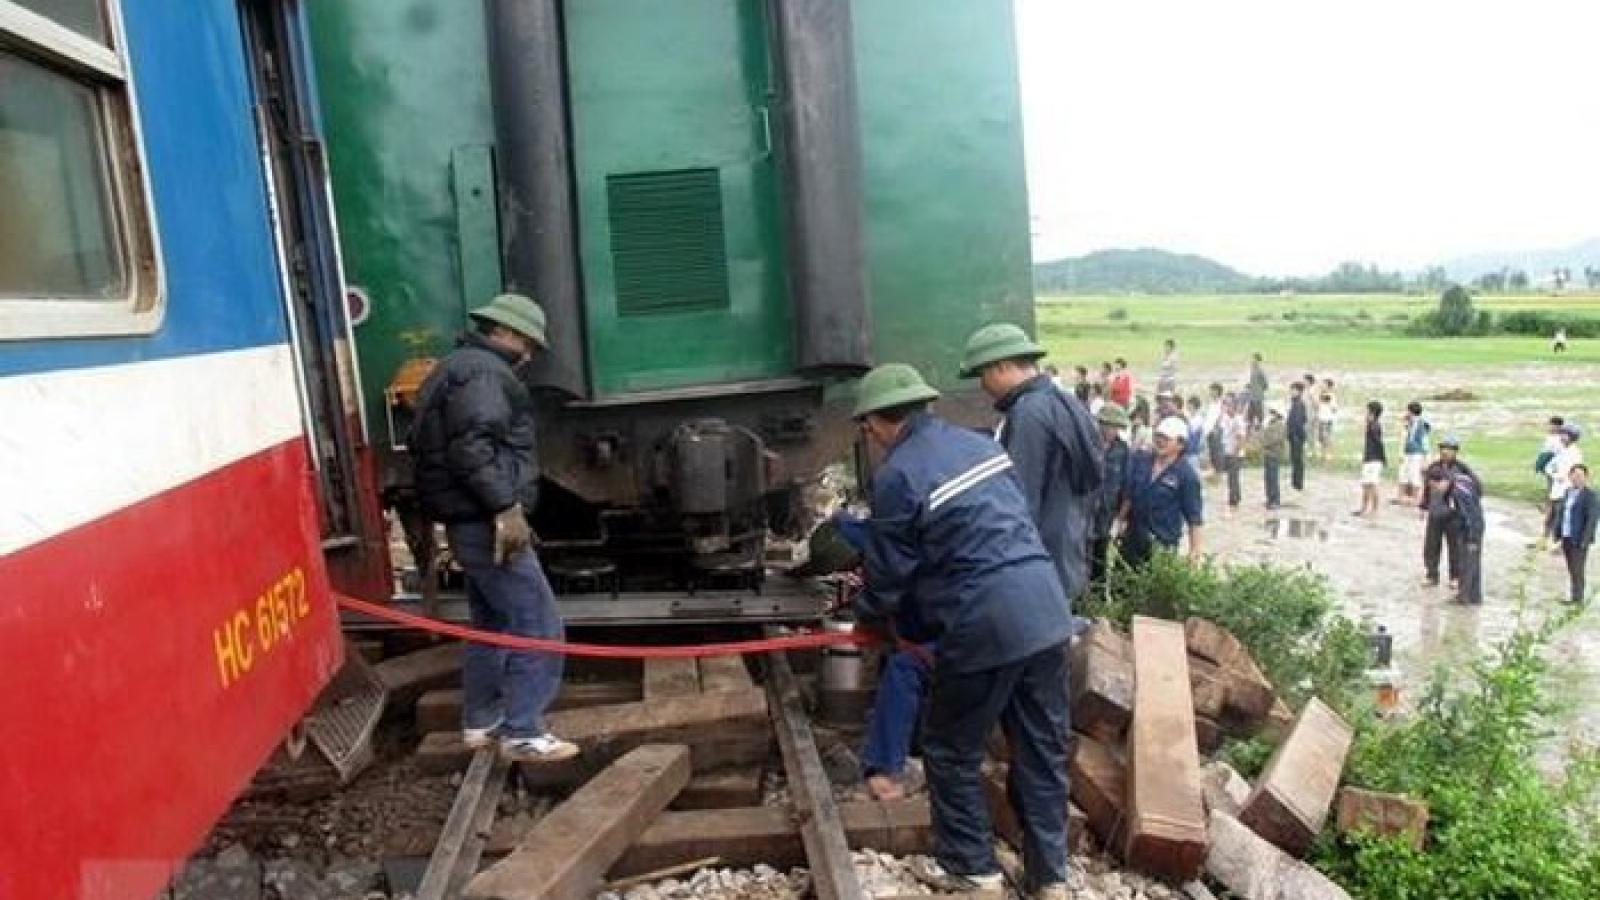 Tàu trật bánh, đường sắt Bắc-Nam tạm ngừng phục vụ trong nhiều giờ